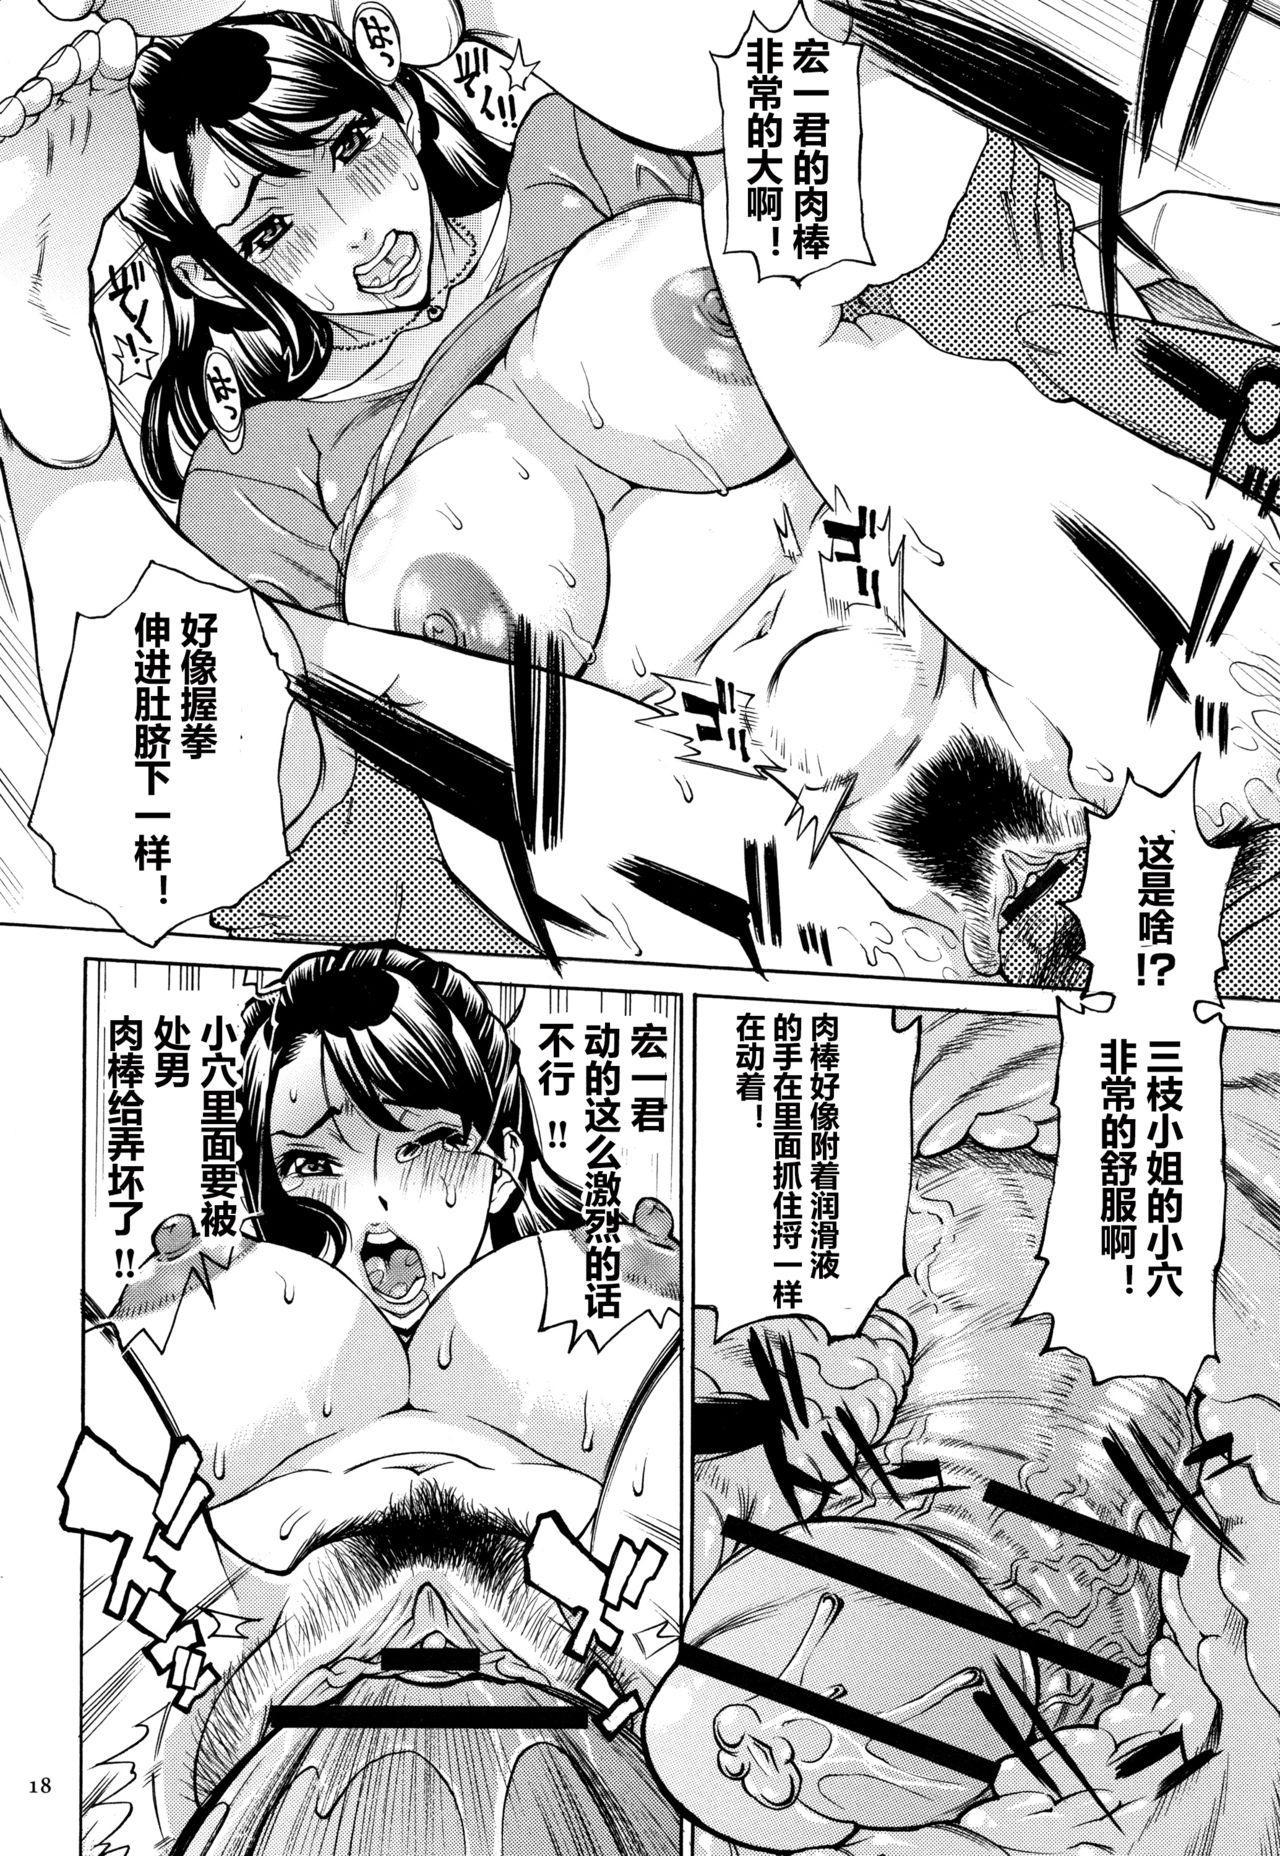 Oba-san dakedo, Daite Hoshii. 18